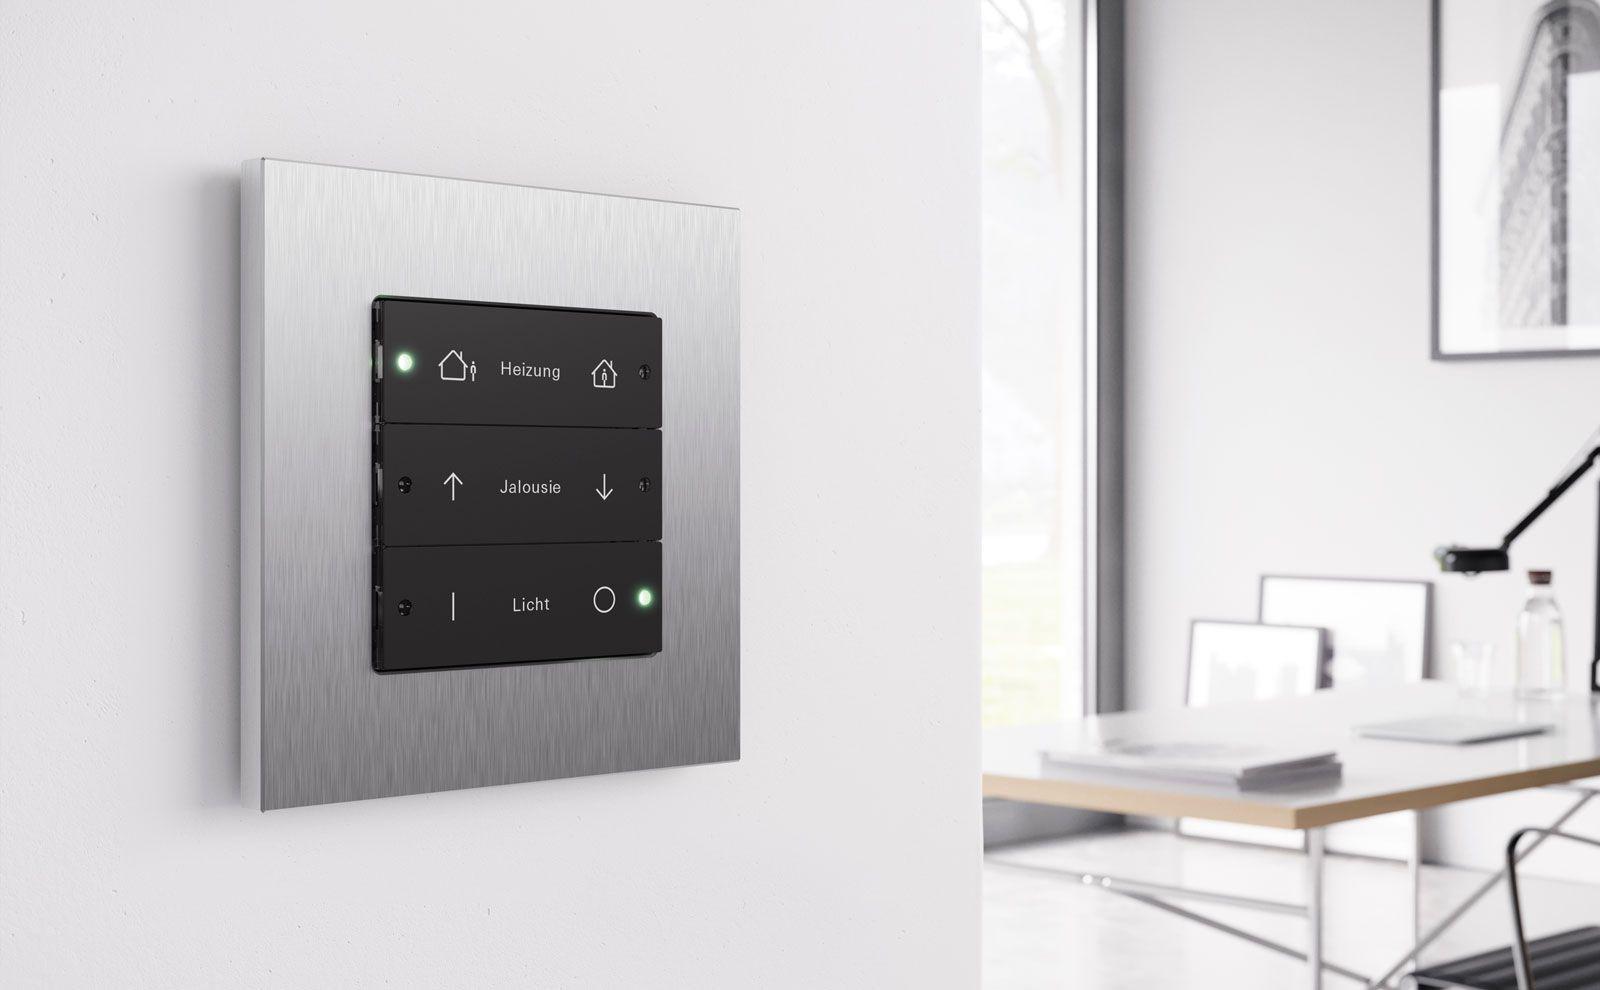 Gira Esprit Metall Schalter für Heizung, Jalousie und Licht